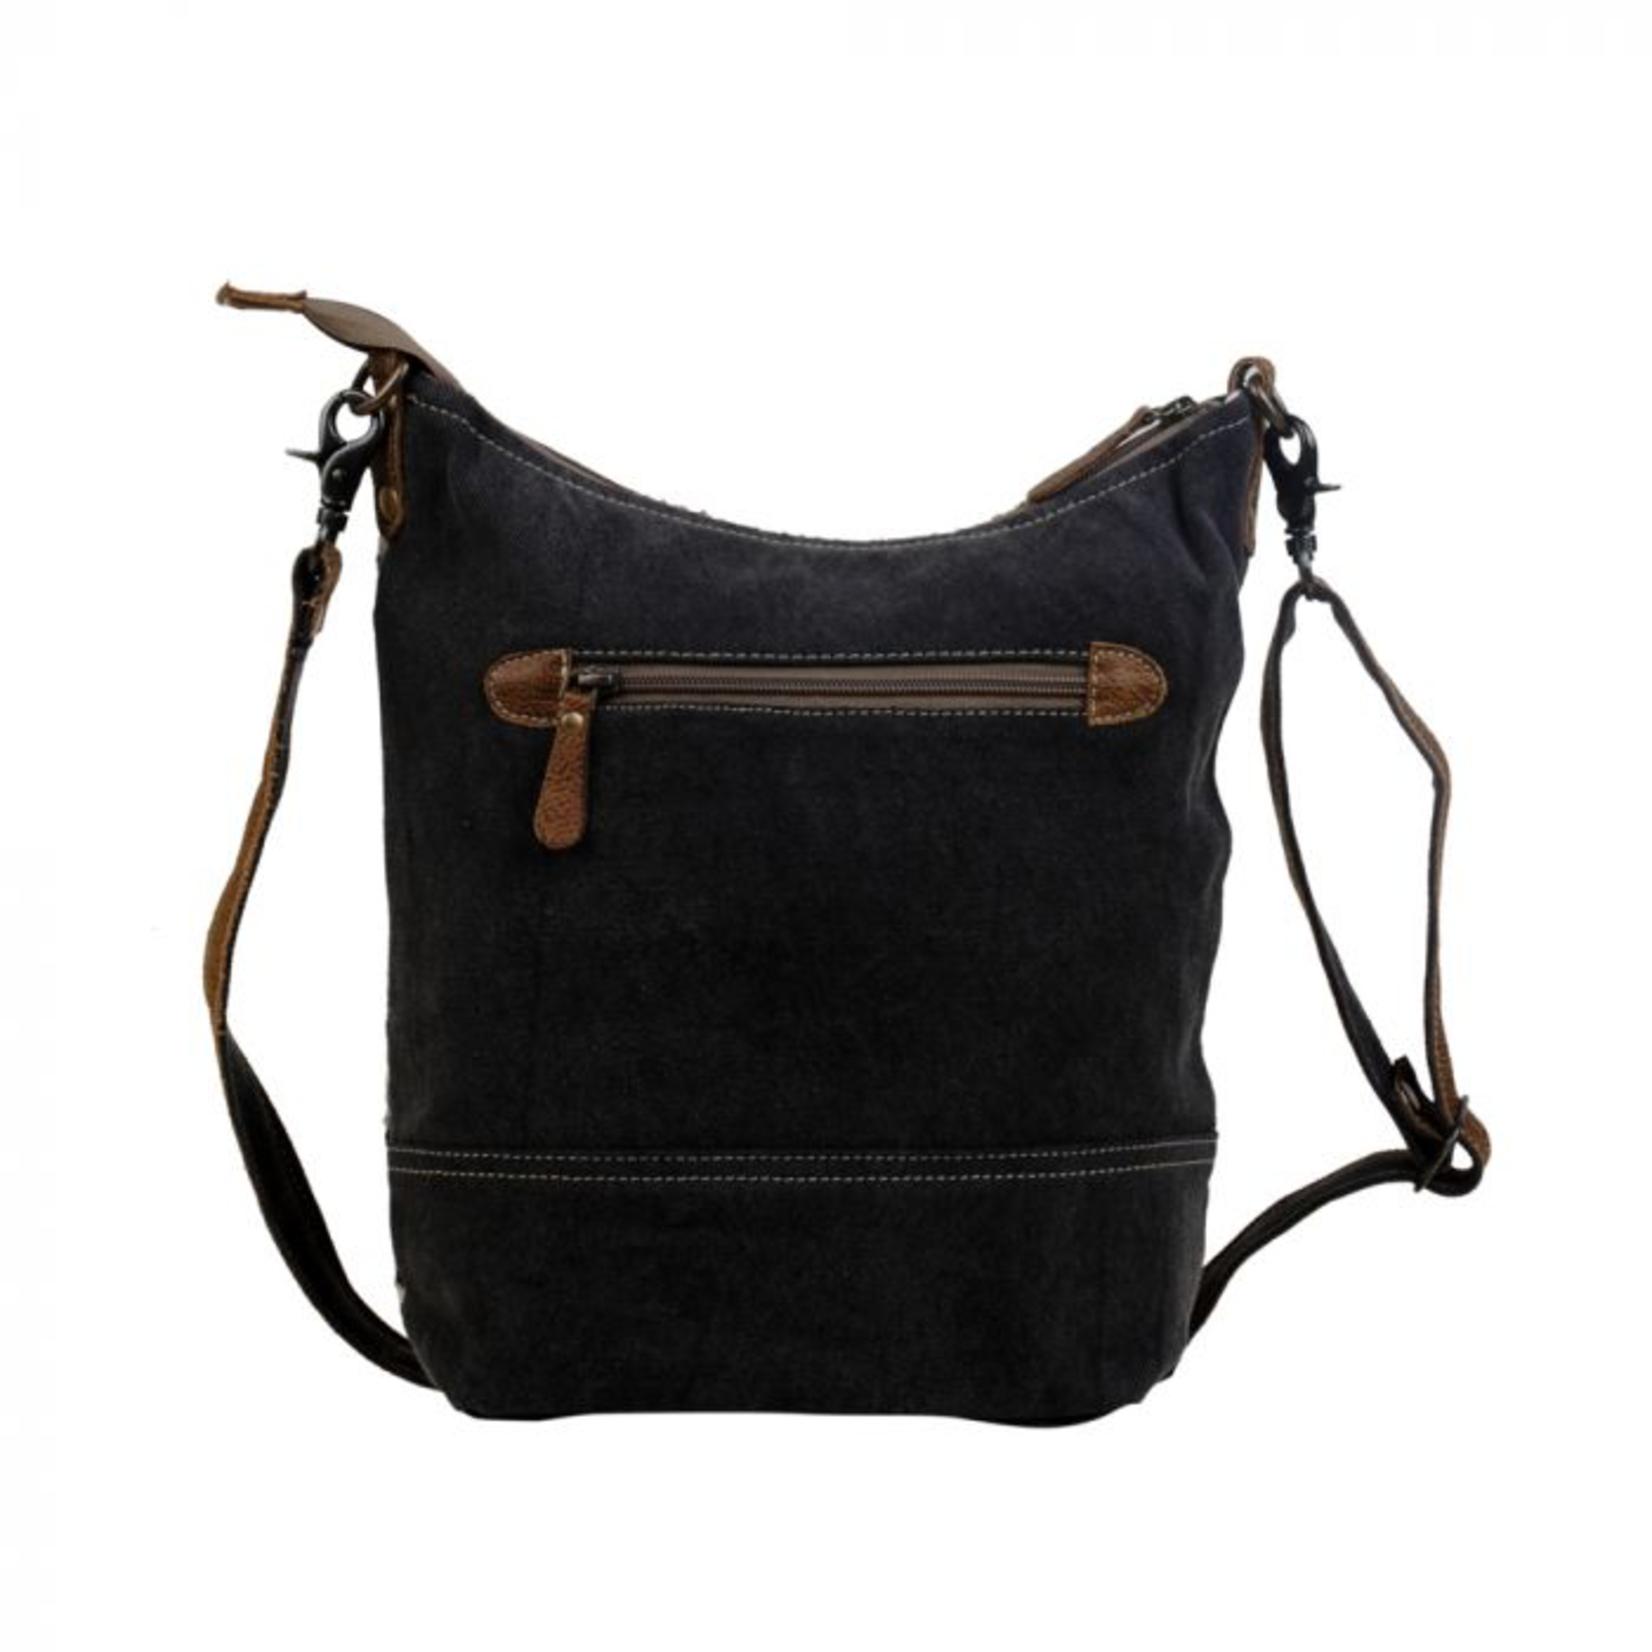 Myra Bag Bag: Unconventionally Etched Shoulder